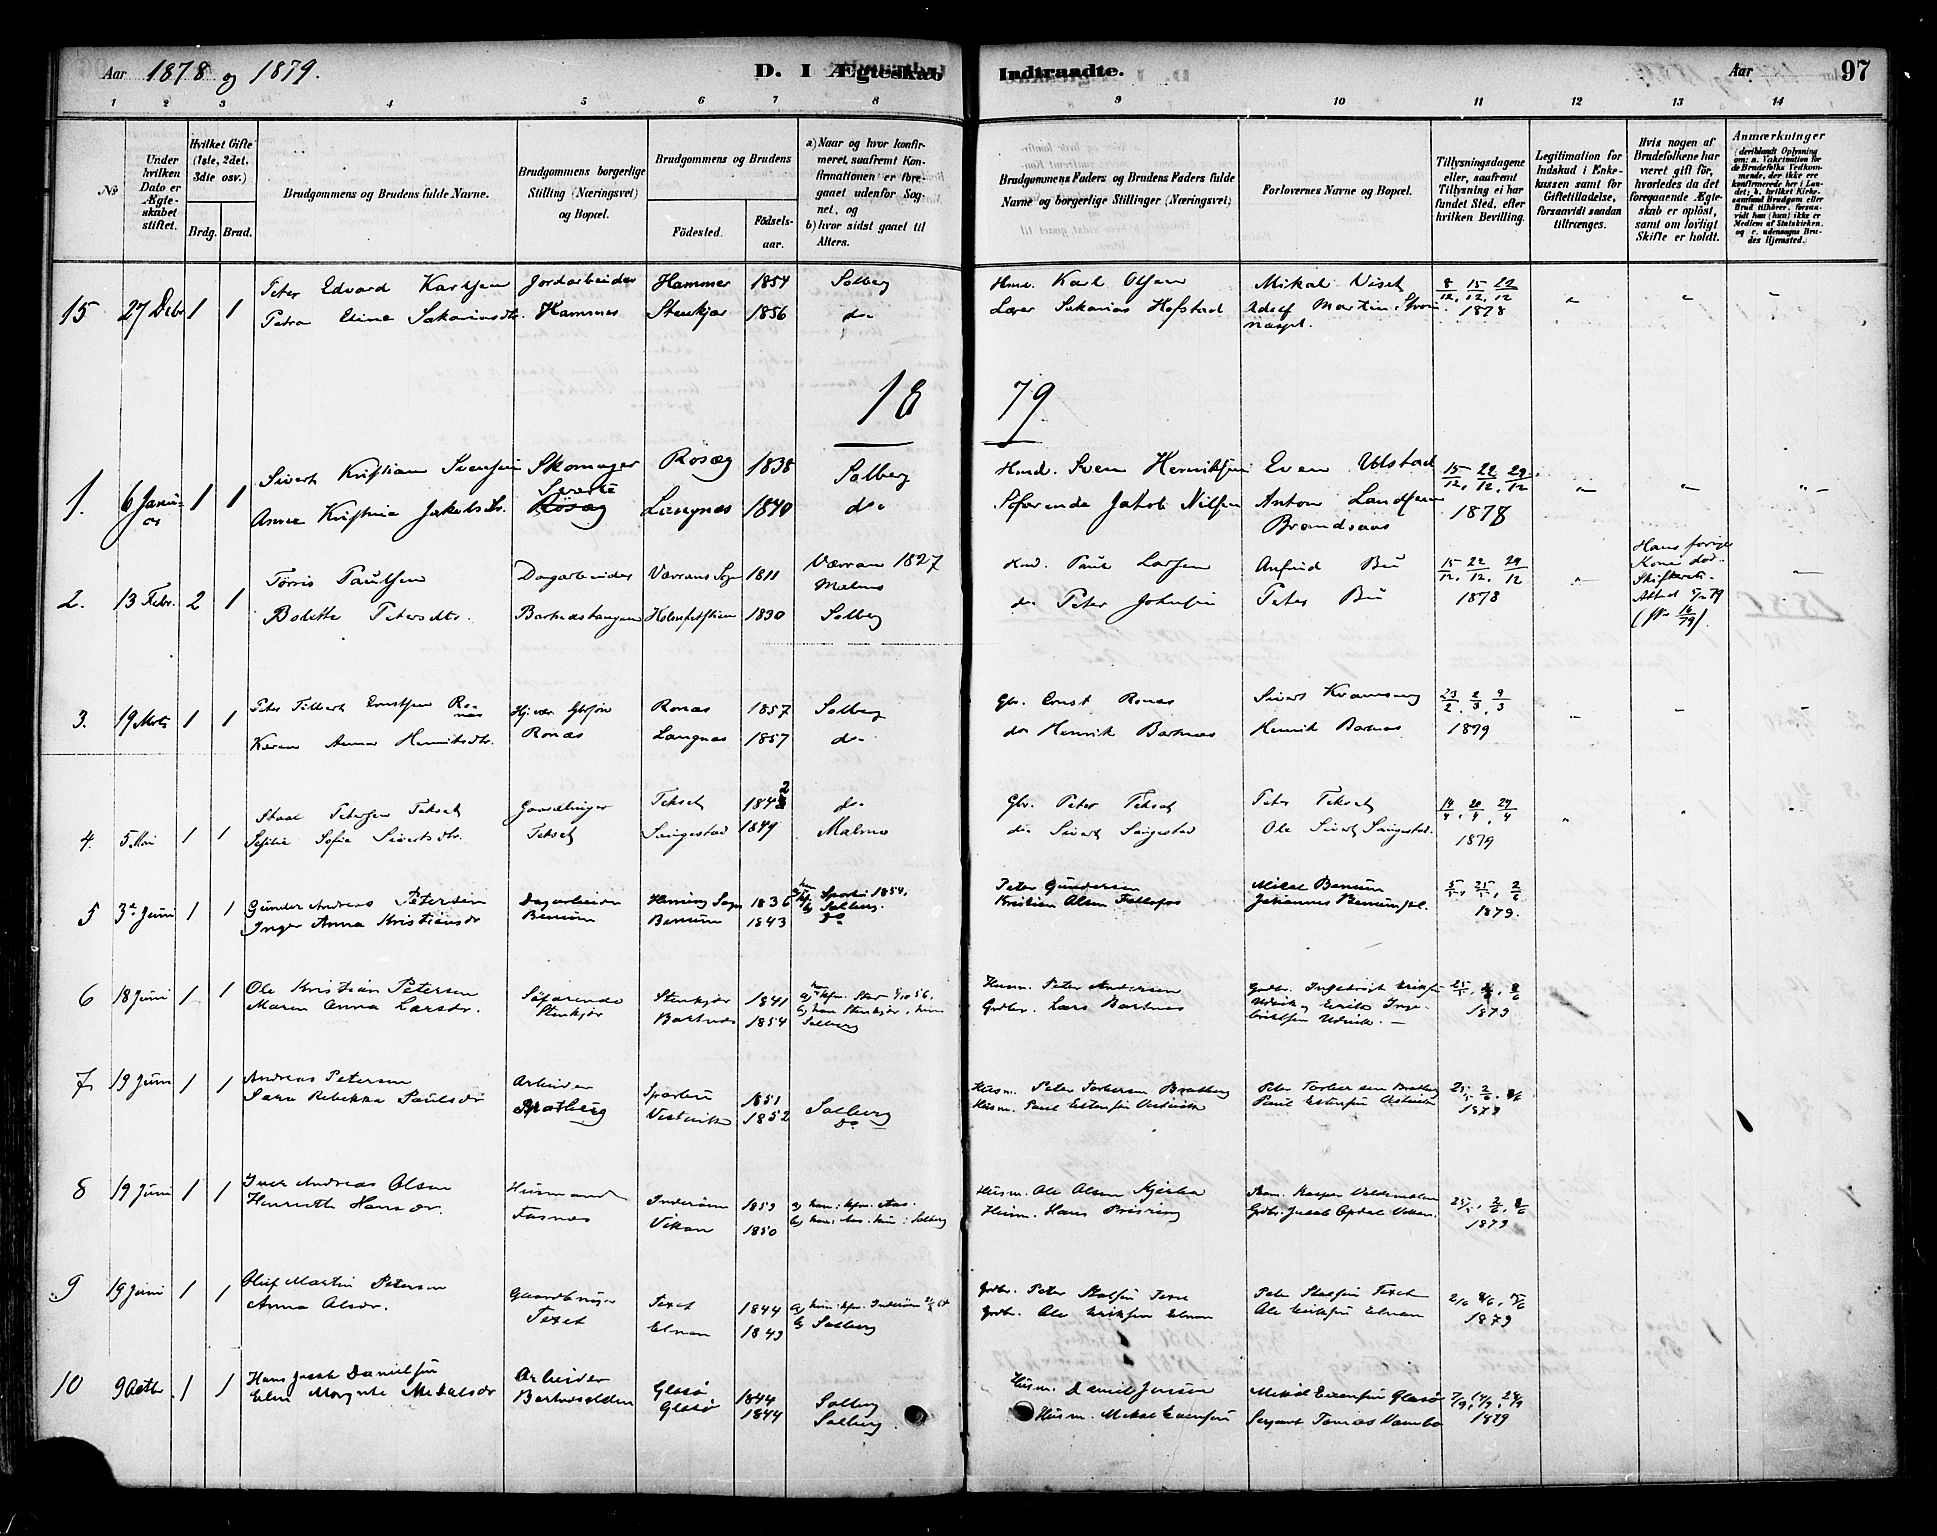 SAT, Ministerialprotokoller, klokkerbøker og fødselsregistre - Nord-Trøndelag, 741/L0395: Ministerialbok nr. 741A09, 1878-1888, s. 97